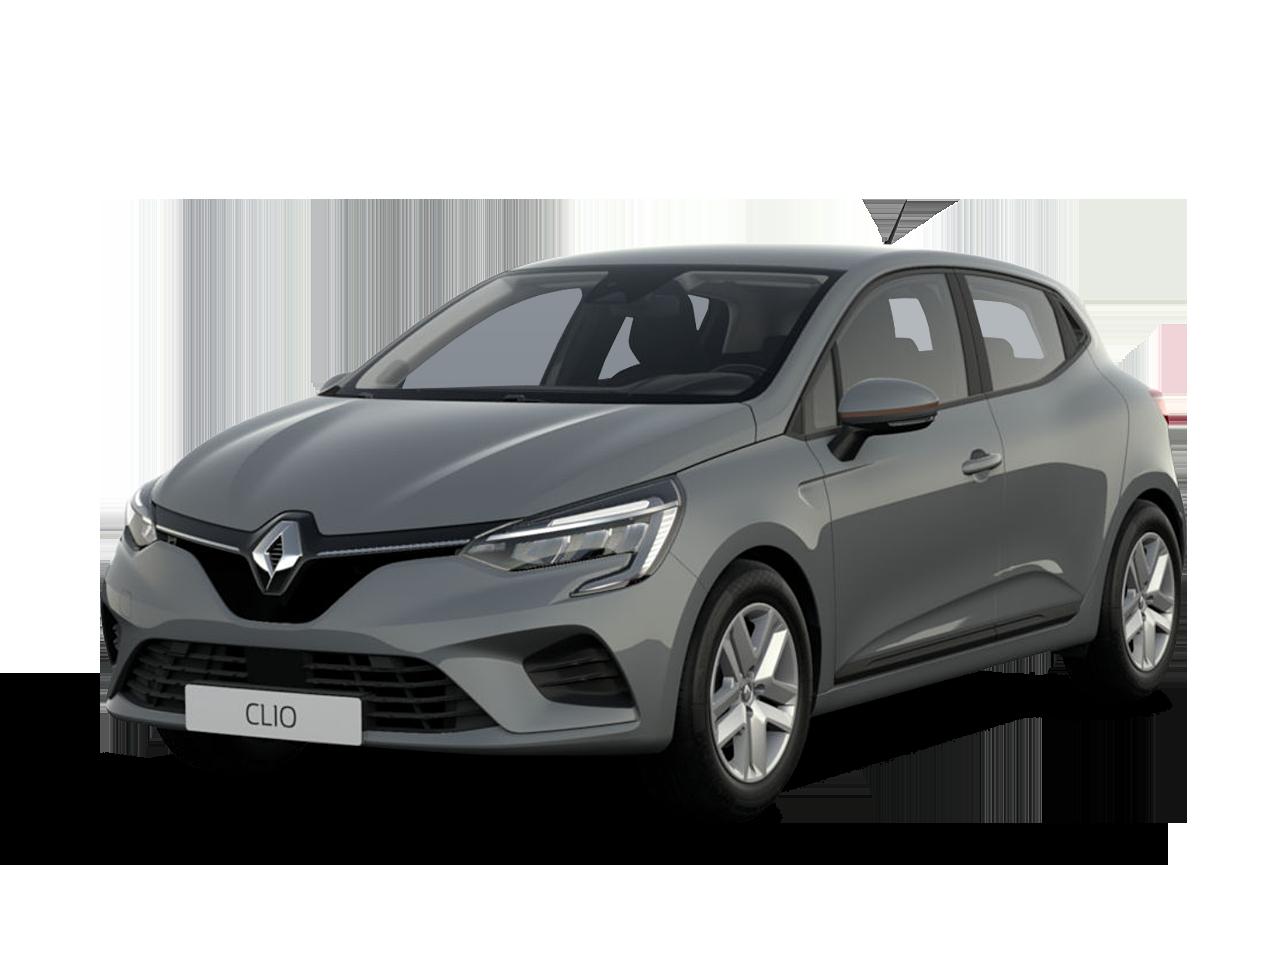 Renault Clio Leasing und Kauf - Top Preise bei uns - Autohaus Knig